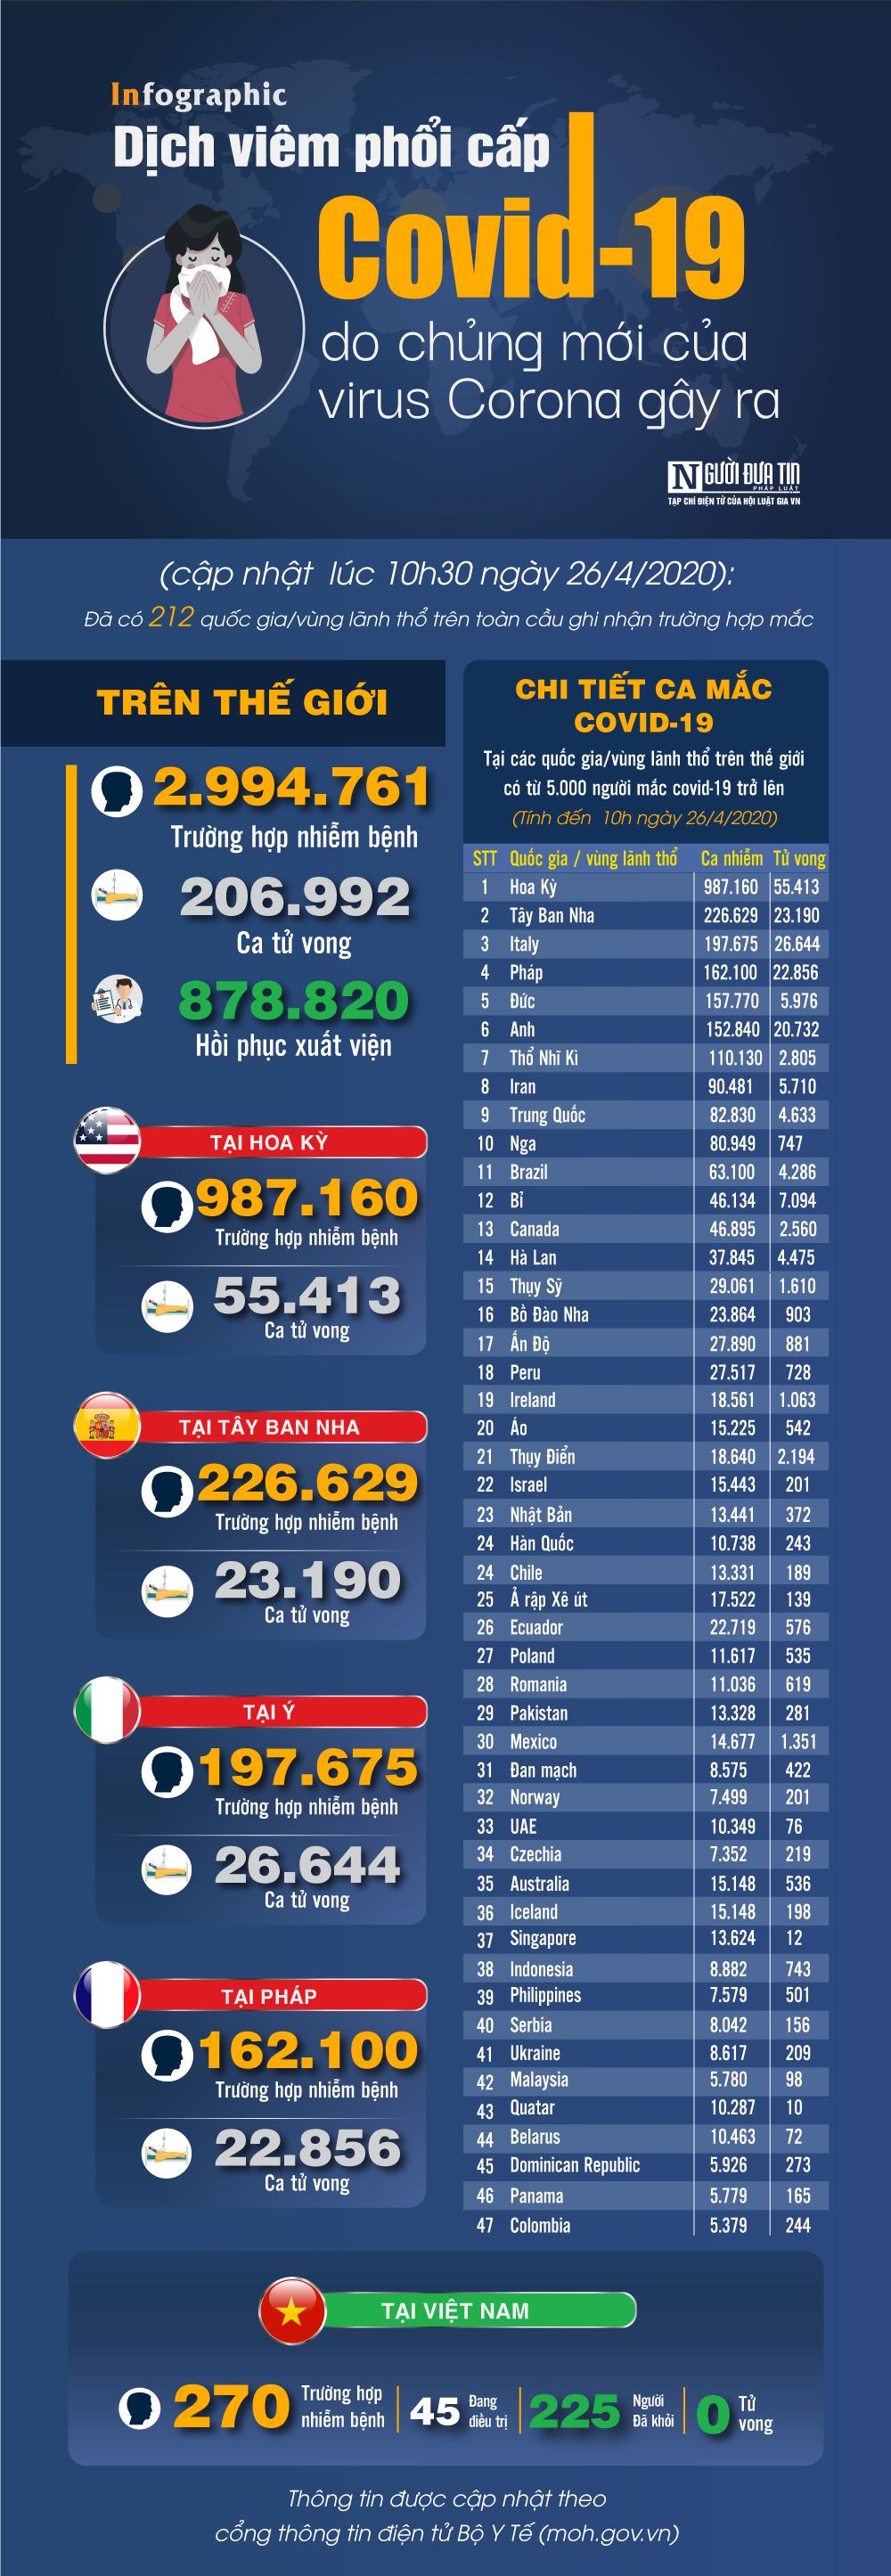 [Infographic] Covid-19 - Cập nhật ngày 27/4: 2.994.761 người mắc, 206.992 người tử vong-1